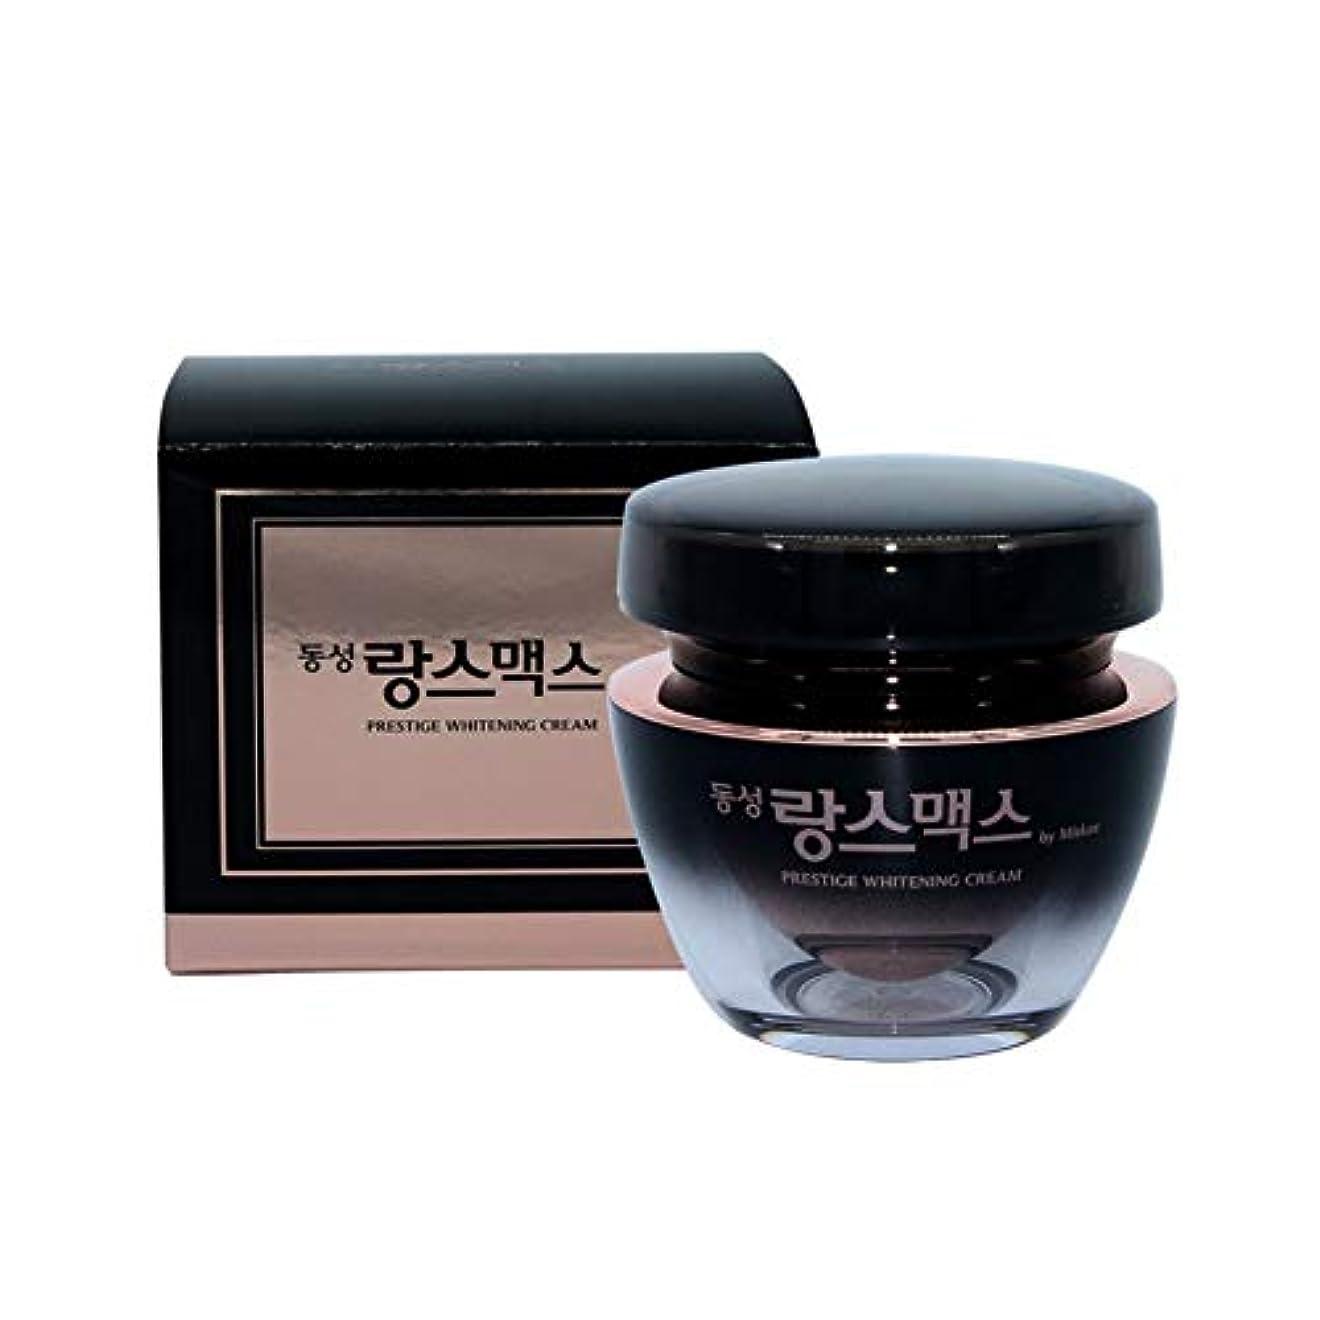 請願者服符号東星ランスマックスプレステージホワイトニングクリーム50g韓国コスメ、Dong Sung Rannce-Max Prestige Whitening Cream 50g Korean Cosmetics [並行輸入品]